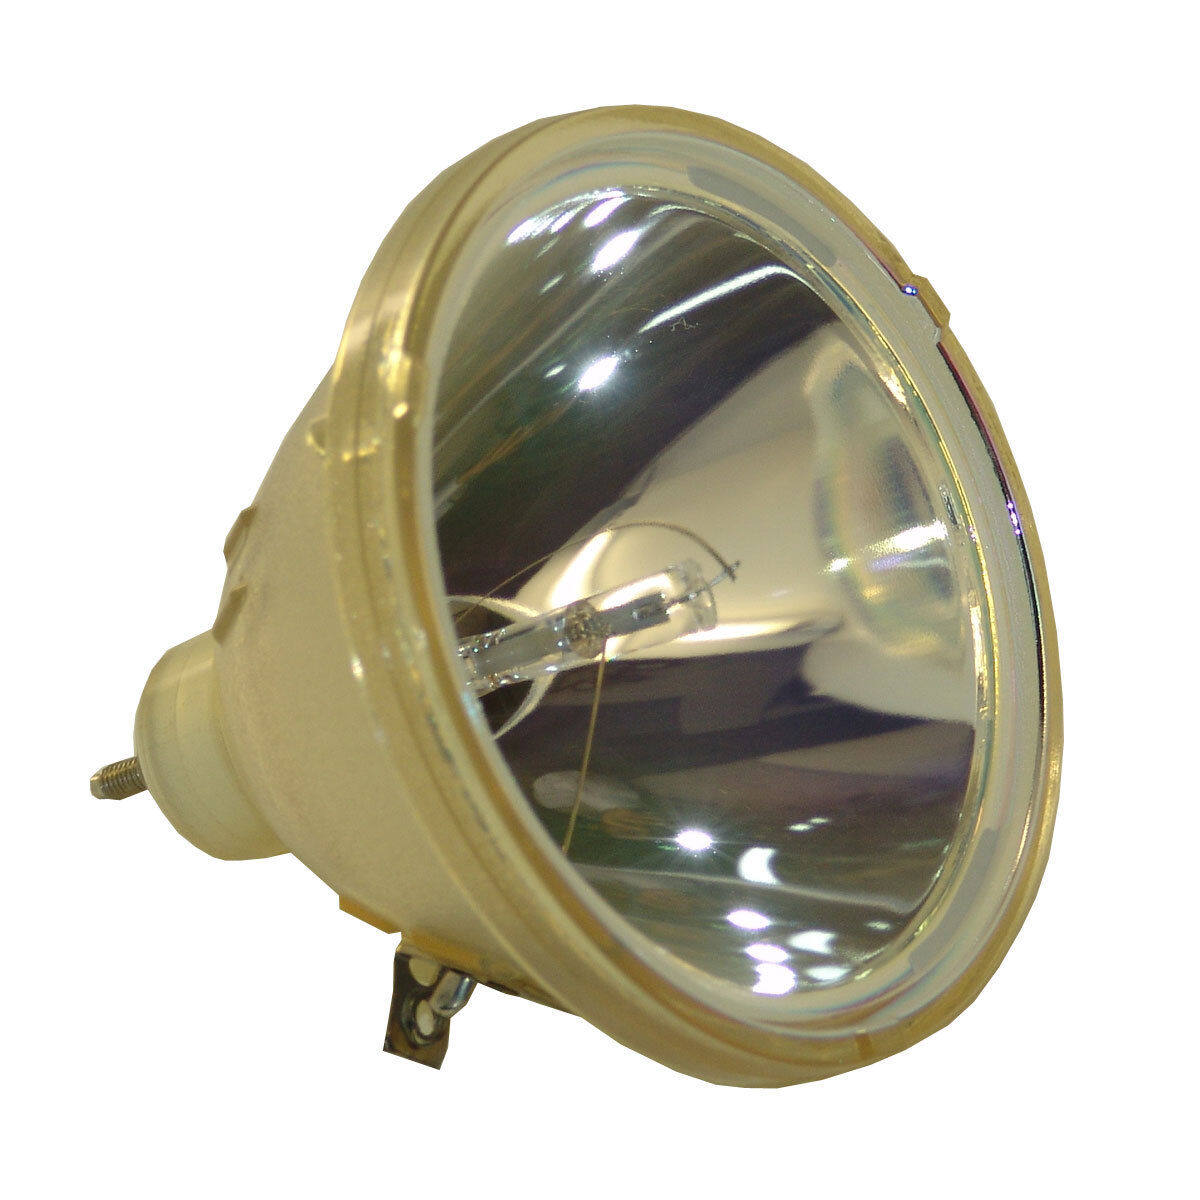 Bola Lampu Yang Kompatibel BQC-XGP10XE/1 BQCXGP10XE/1 untuk Sharp XG-P10X P10X XG-P10XE P10XE Proyektor Bohlam Lampu Tanpa Tempat Tinggal -Internasional